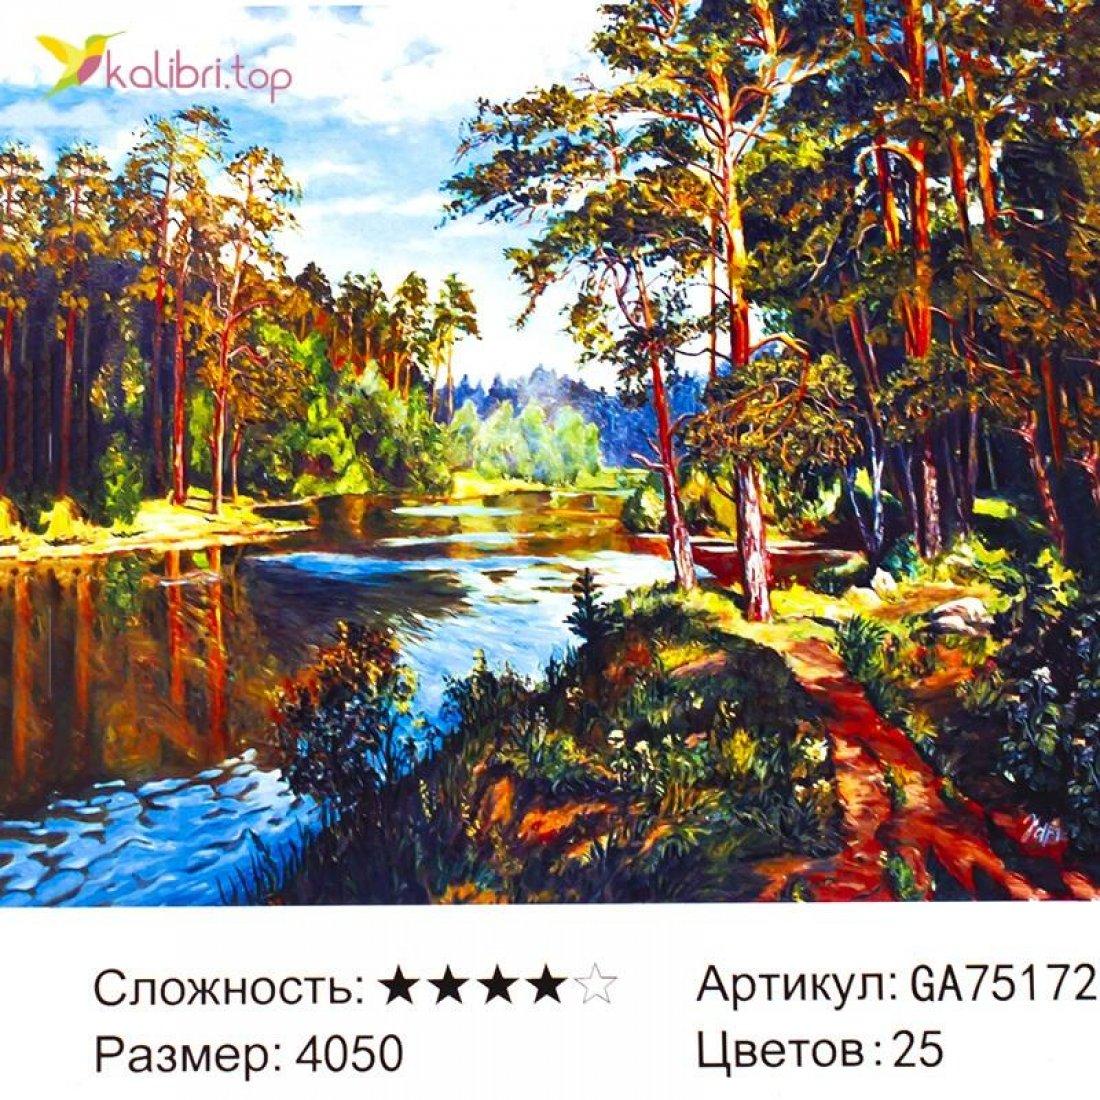 Алмазная мозаика по номерам Река в Лесу 40*50 см оптом фото 3